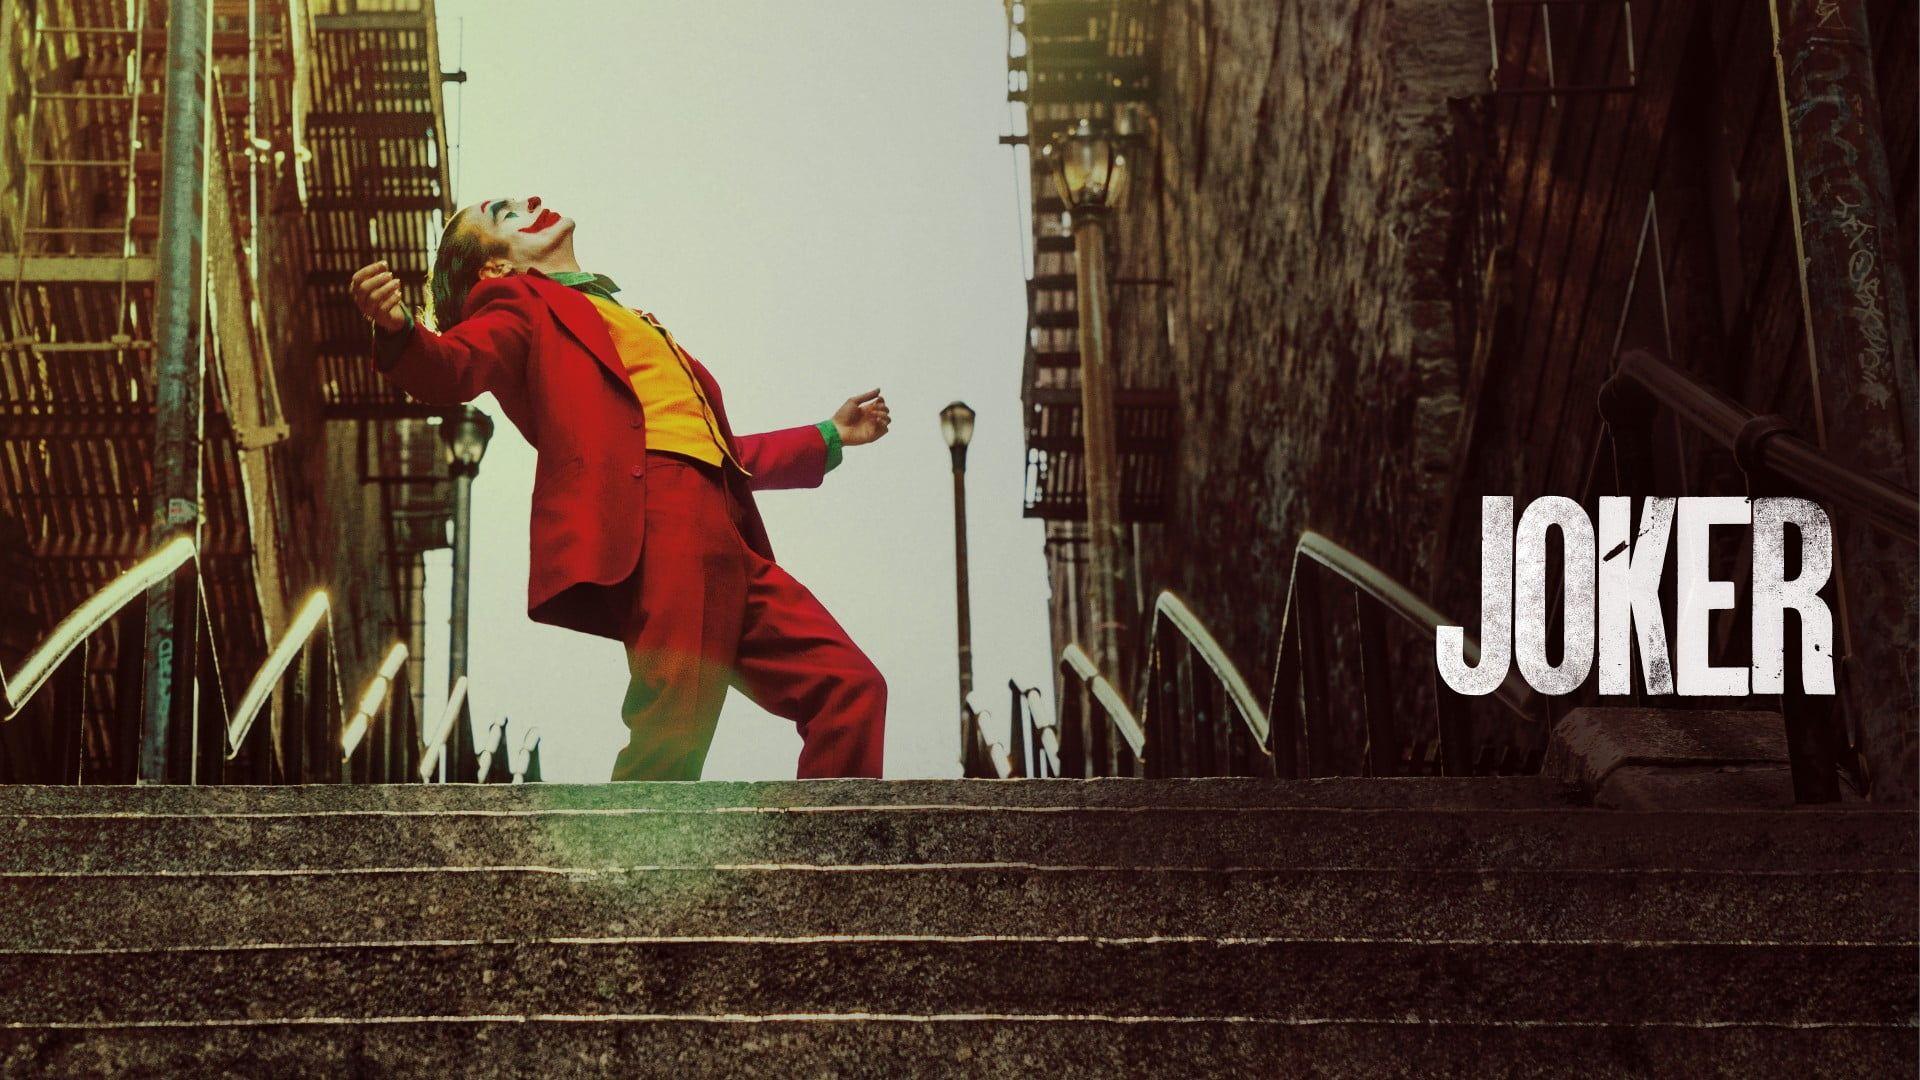 Nova saznanja o Korona-19 Virusu: Betmen iznerviran Jokerovim uspjehom proširio virus!